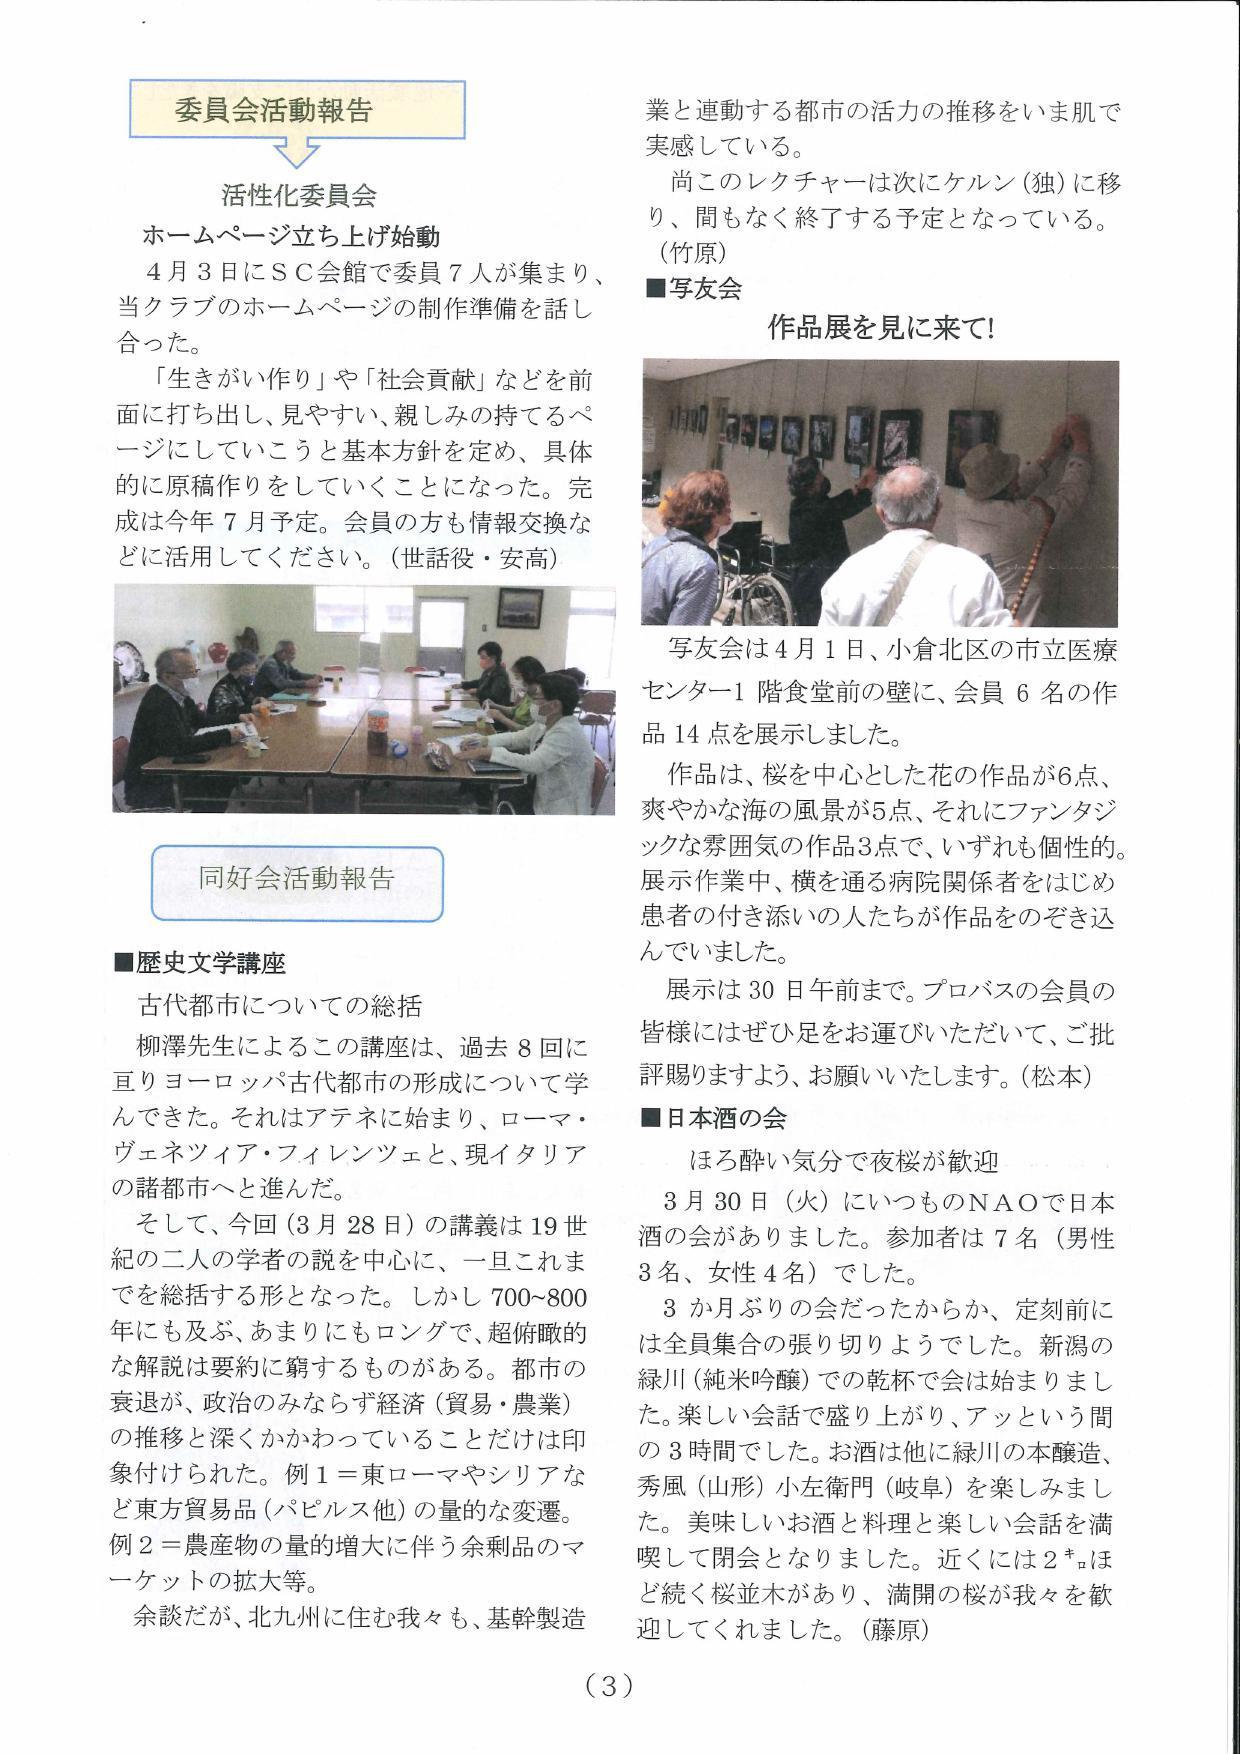 北九州プロバスクラブ月報 「つながり」No.178 令和3年4月号_b0000714_15554025.jpg